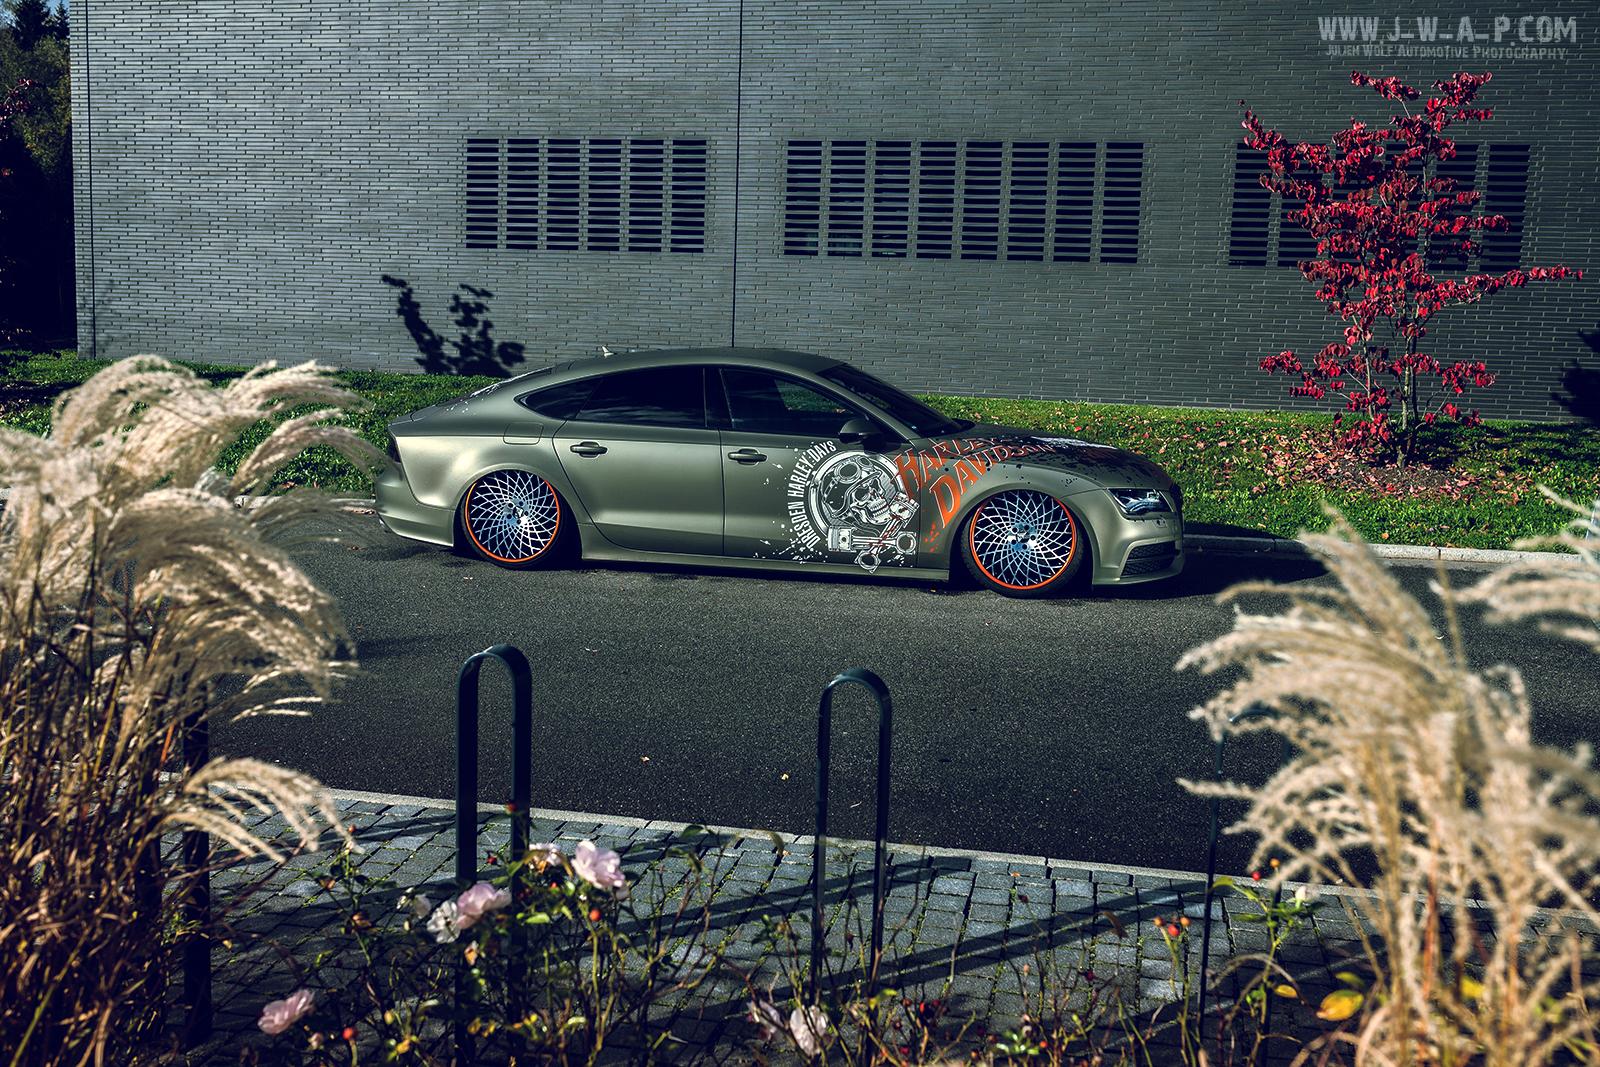 Audi A7 Harley Davidson